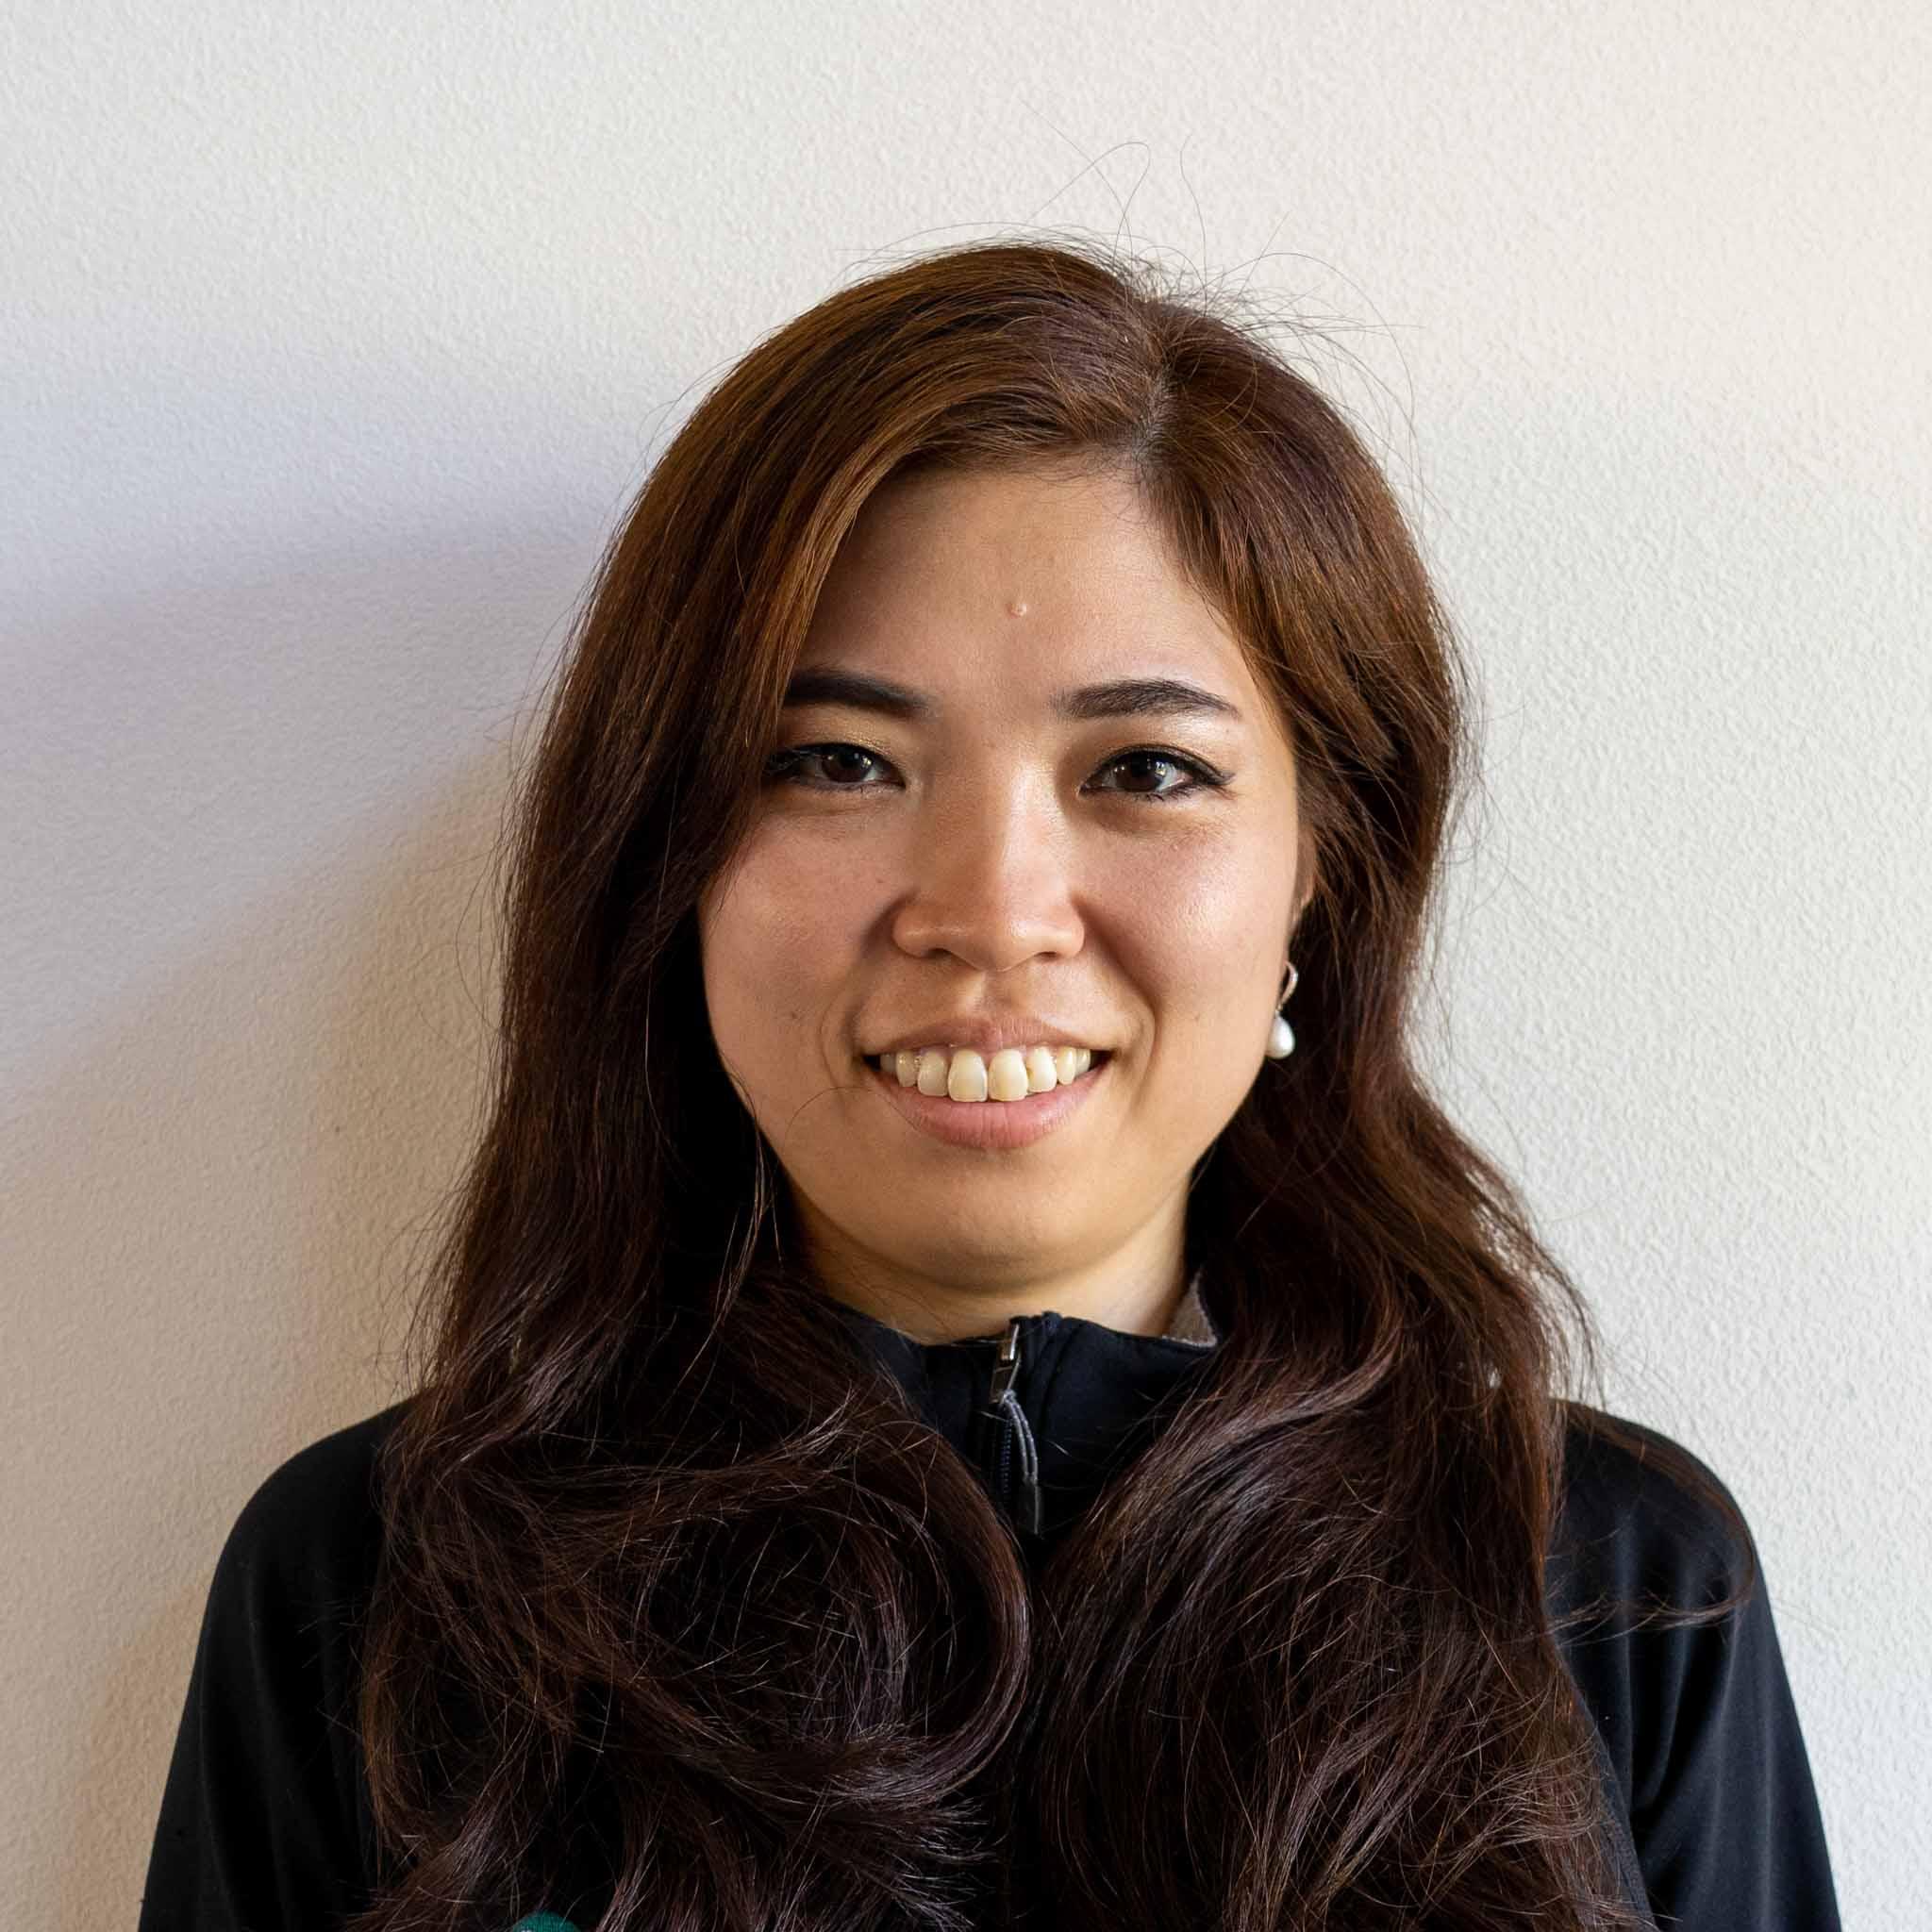 Tomomi Nishi